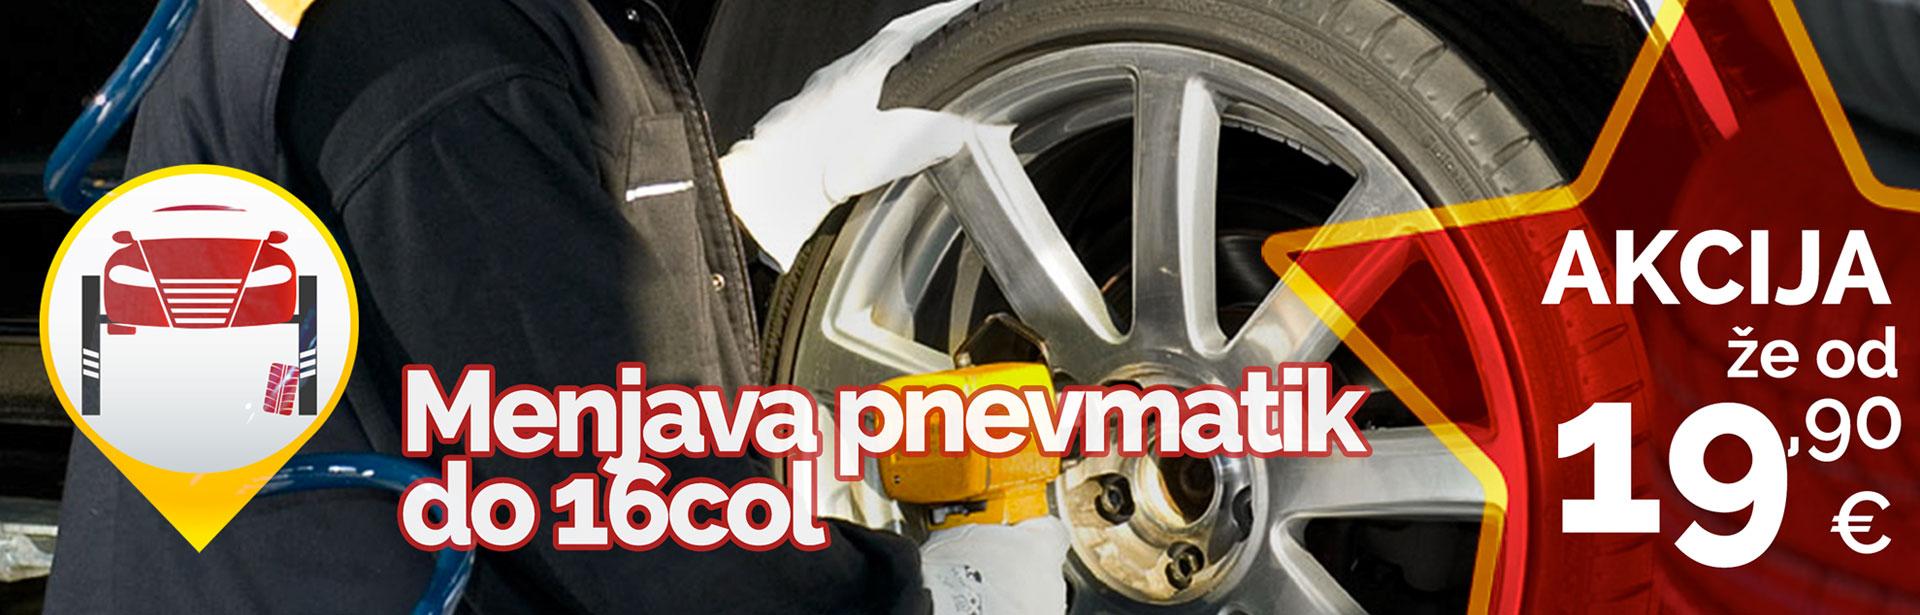 menjava-pnevmatik-aczvezda